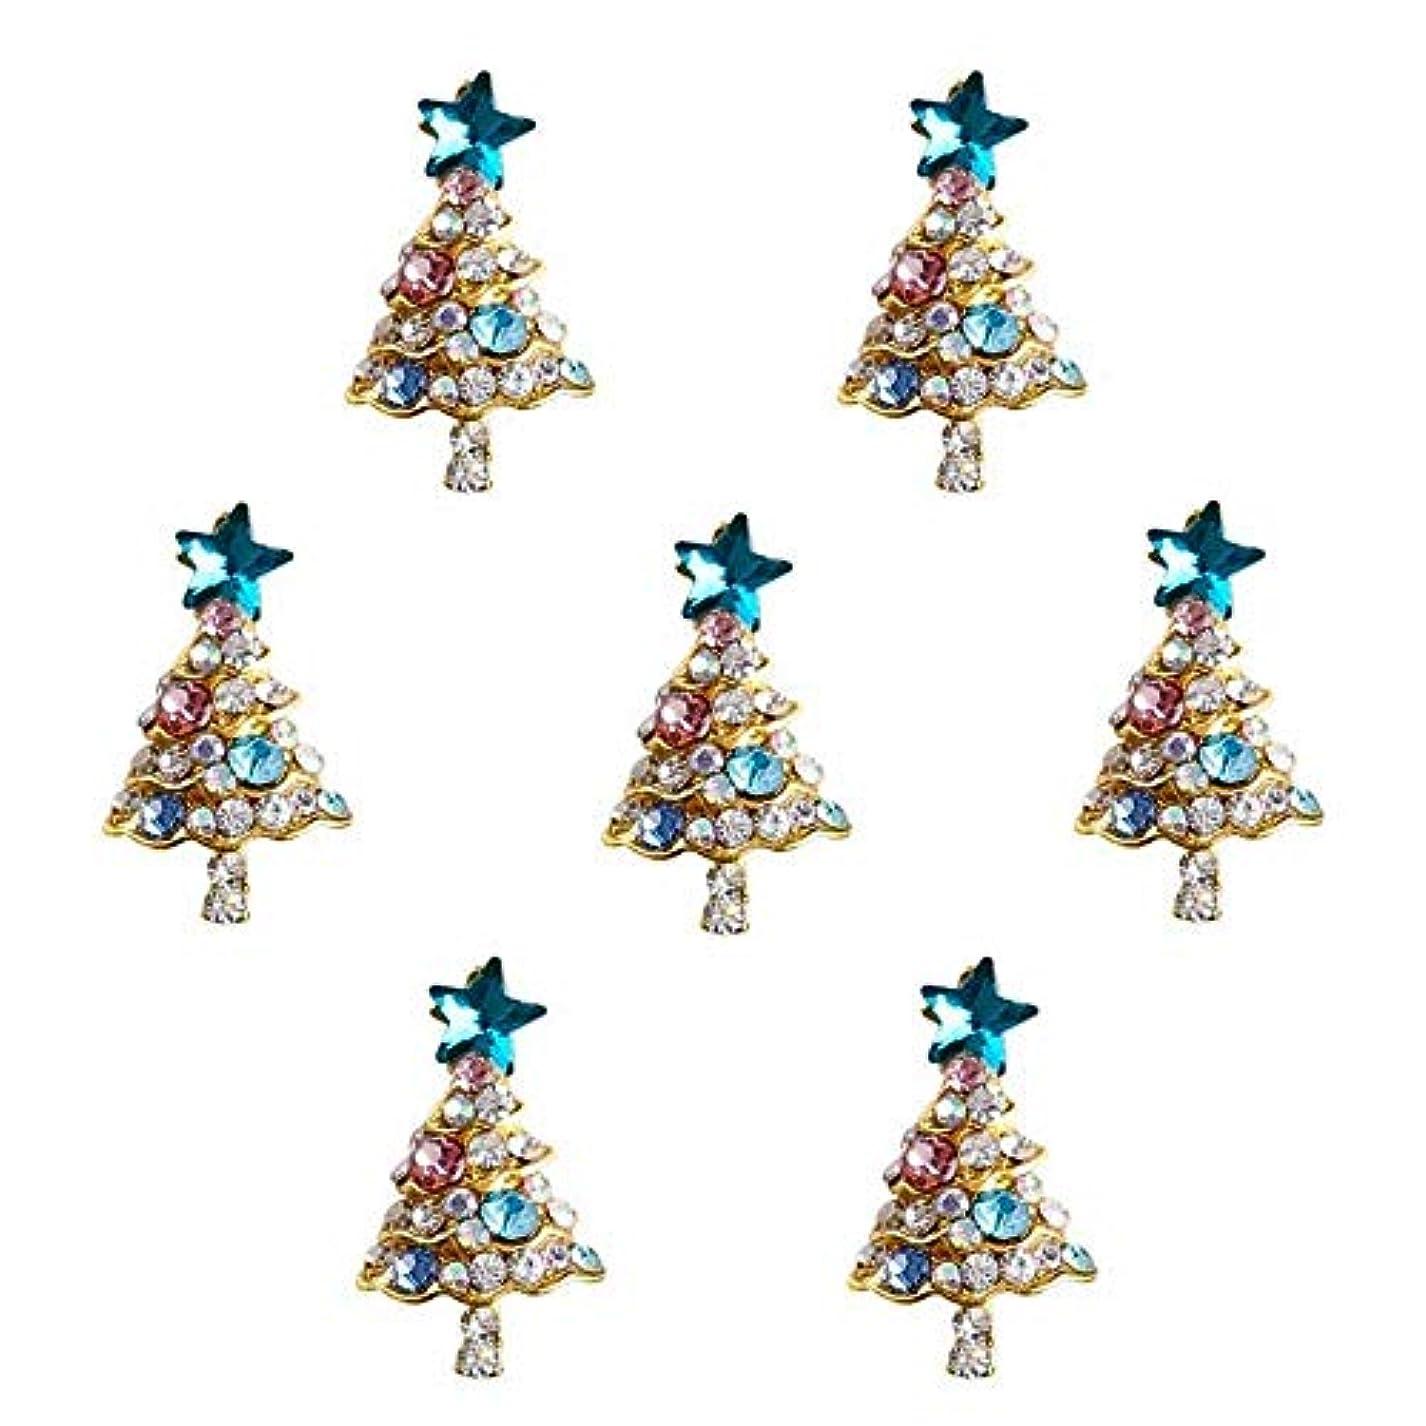 溢れんばかりの中級特徴づける10個入り/ロット3Dラインストーンの装飾ブルーグリッタースタークリスマスツリーのデザイン接着剤ネイルアートDIYスタッドは、合金用品